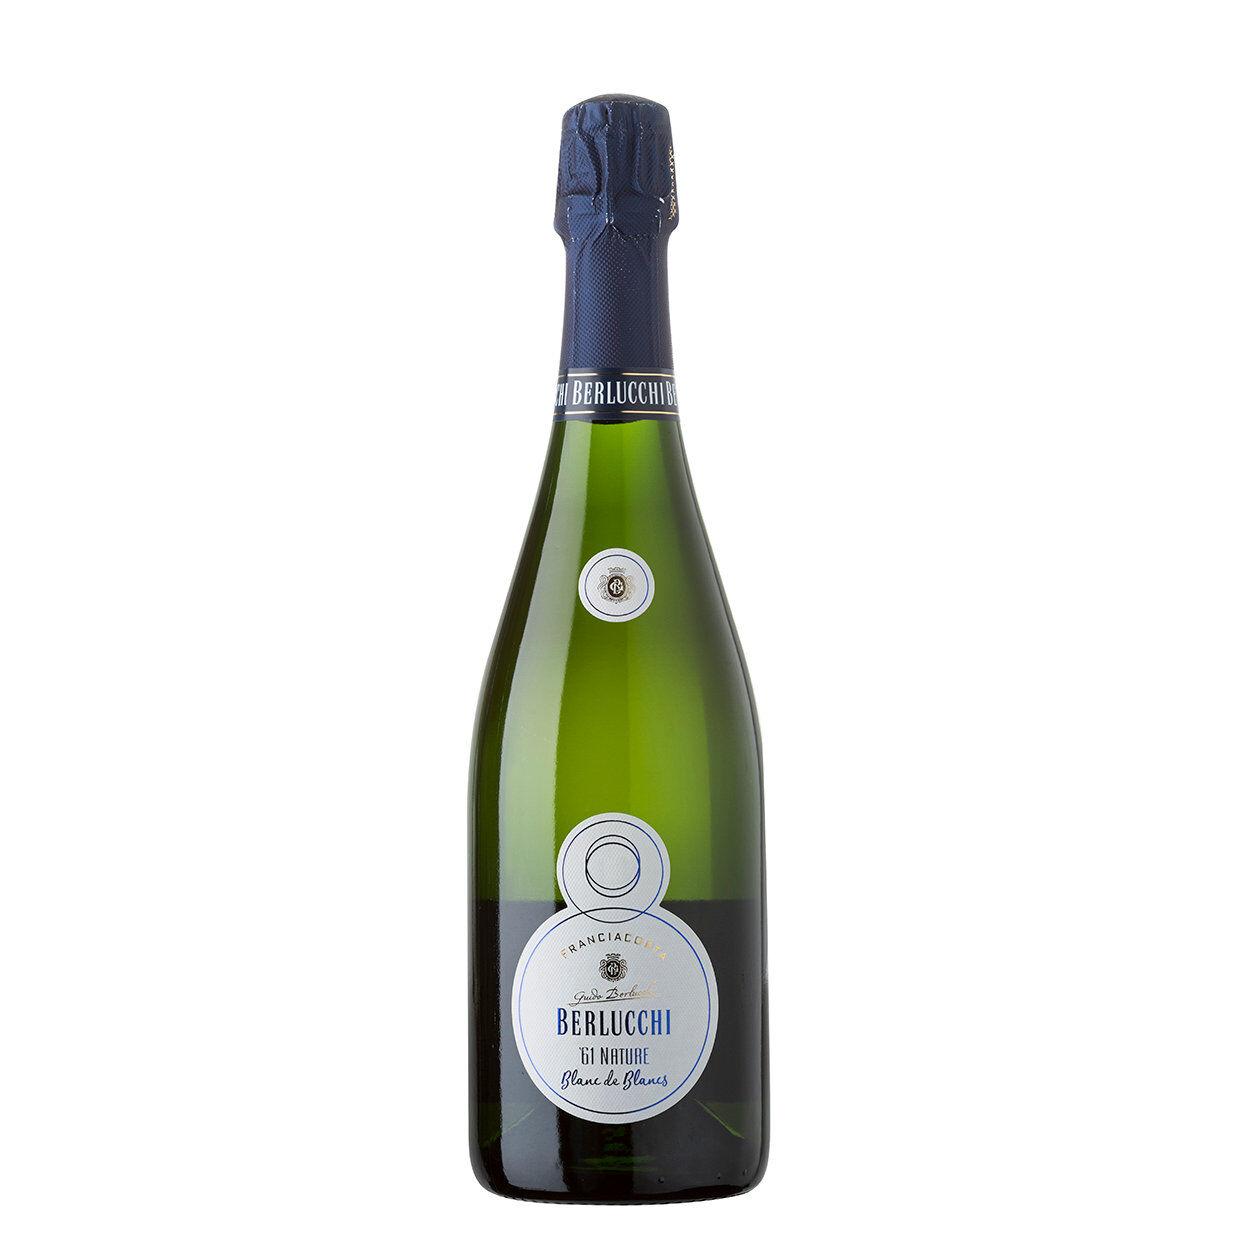 Berlucchi 1 bottiglia - Franciacorta DOCG 61 Nature Blanc de Blancs 2013